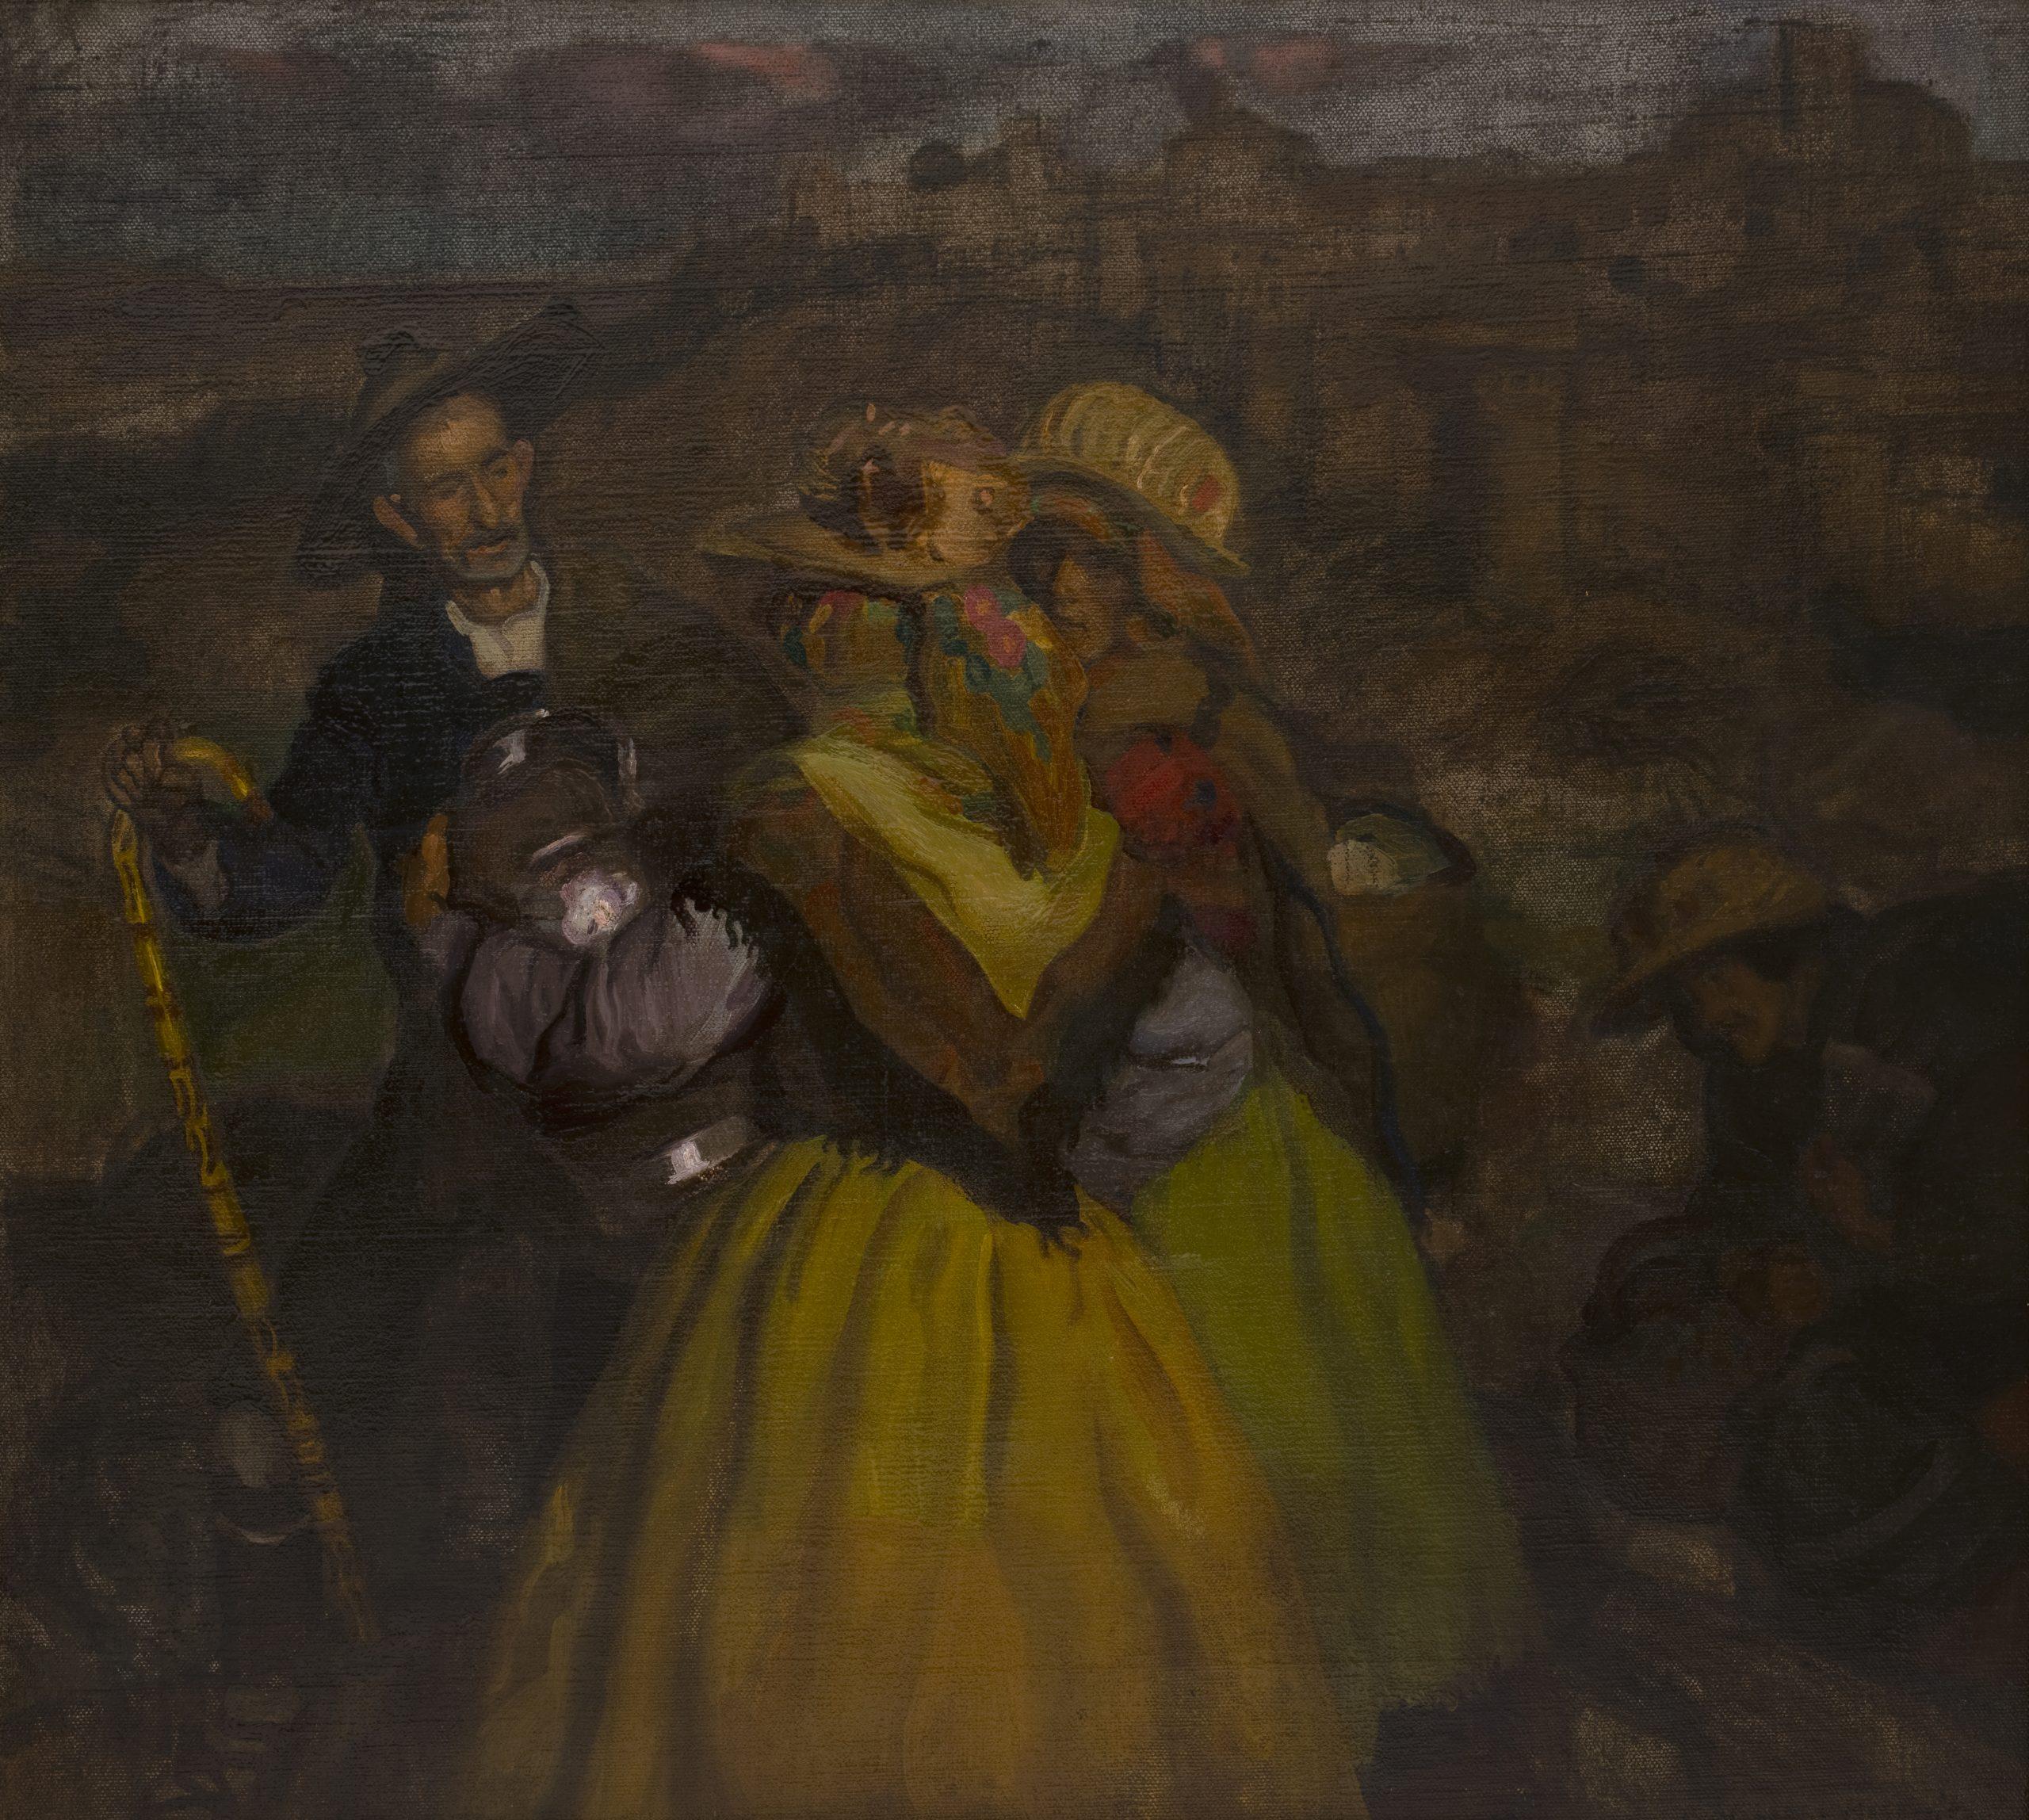 Aldeanas de Ávila, encuentro con un pastor, José María López MezquitaEdad Contemporánea. 1920.Óleo sobre lienzo / 63 x 70 cm.[04/108] Sala I.